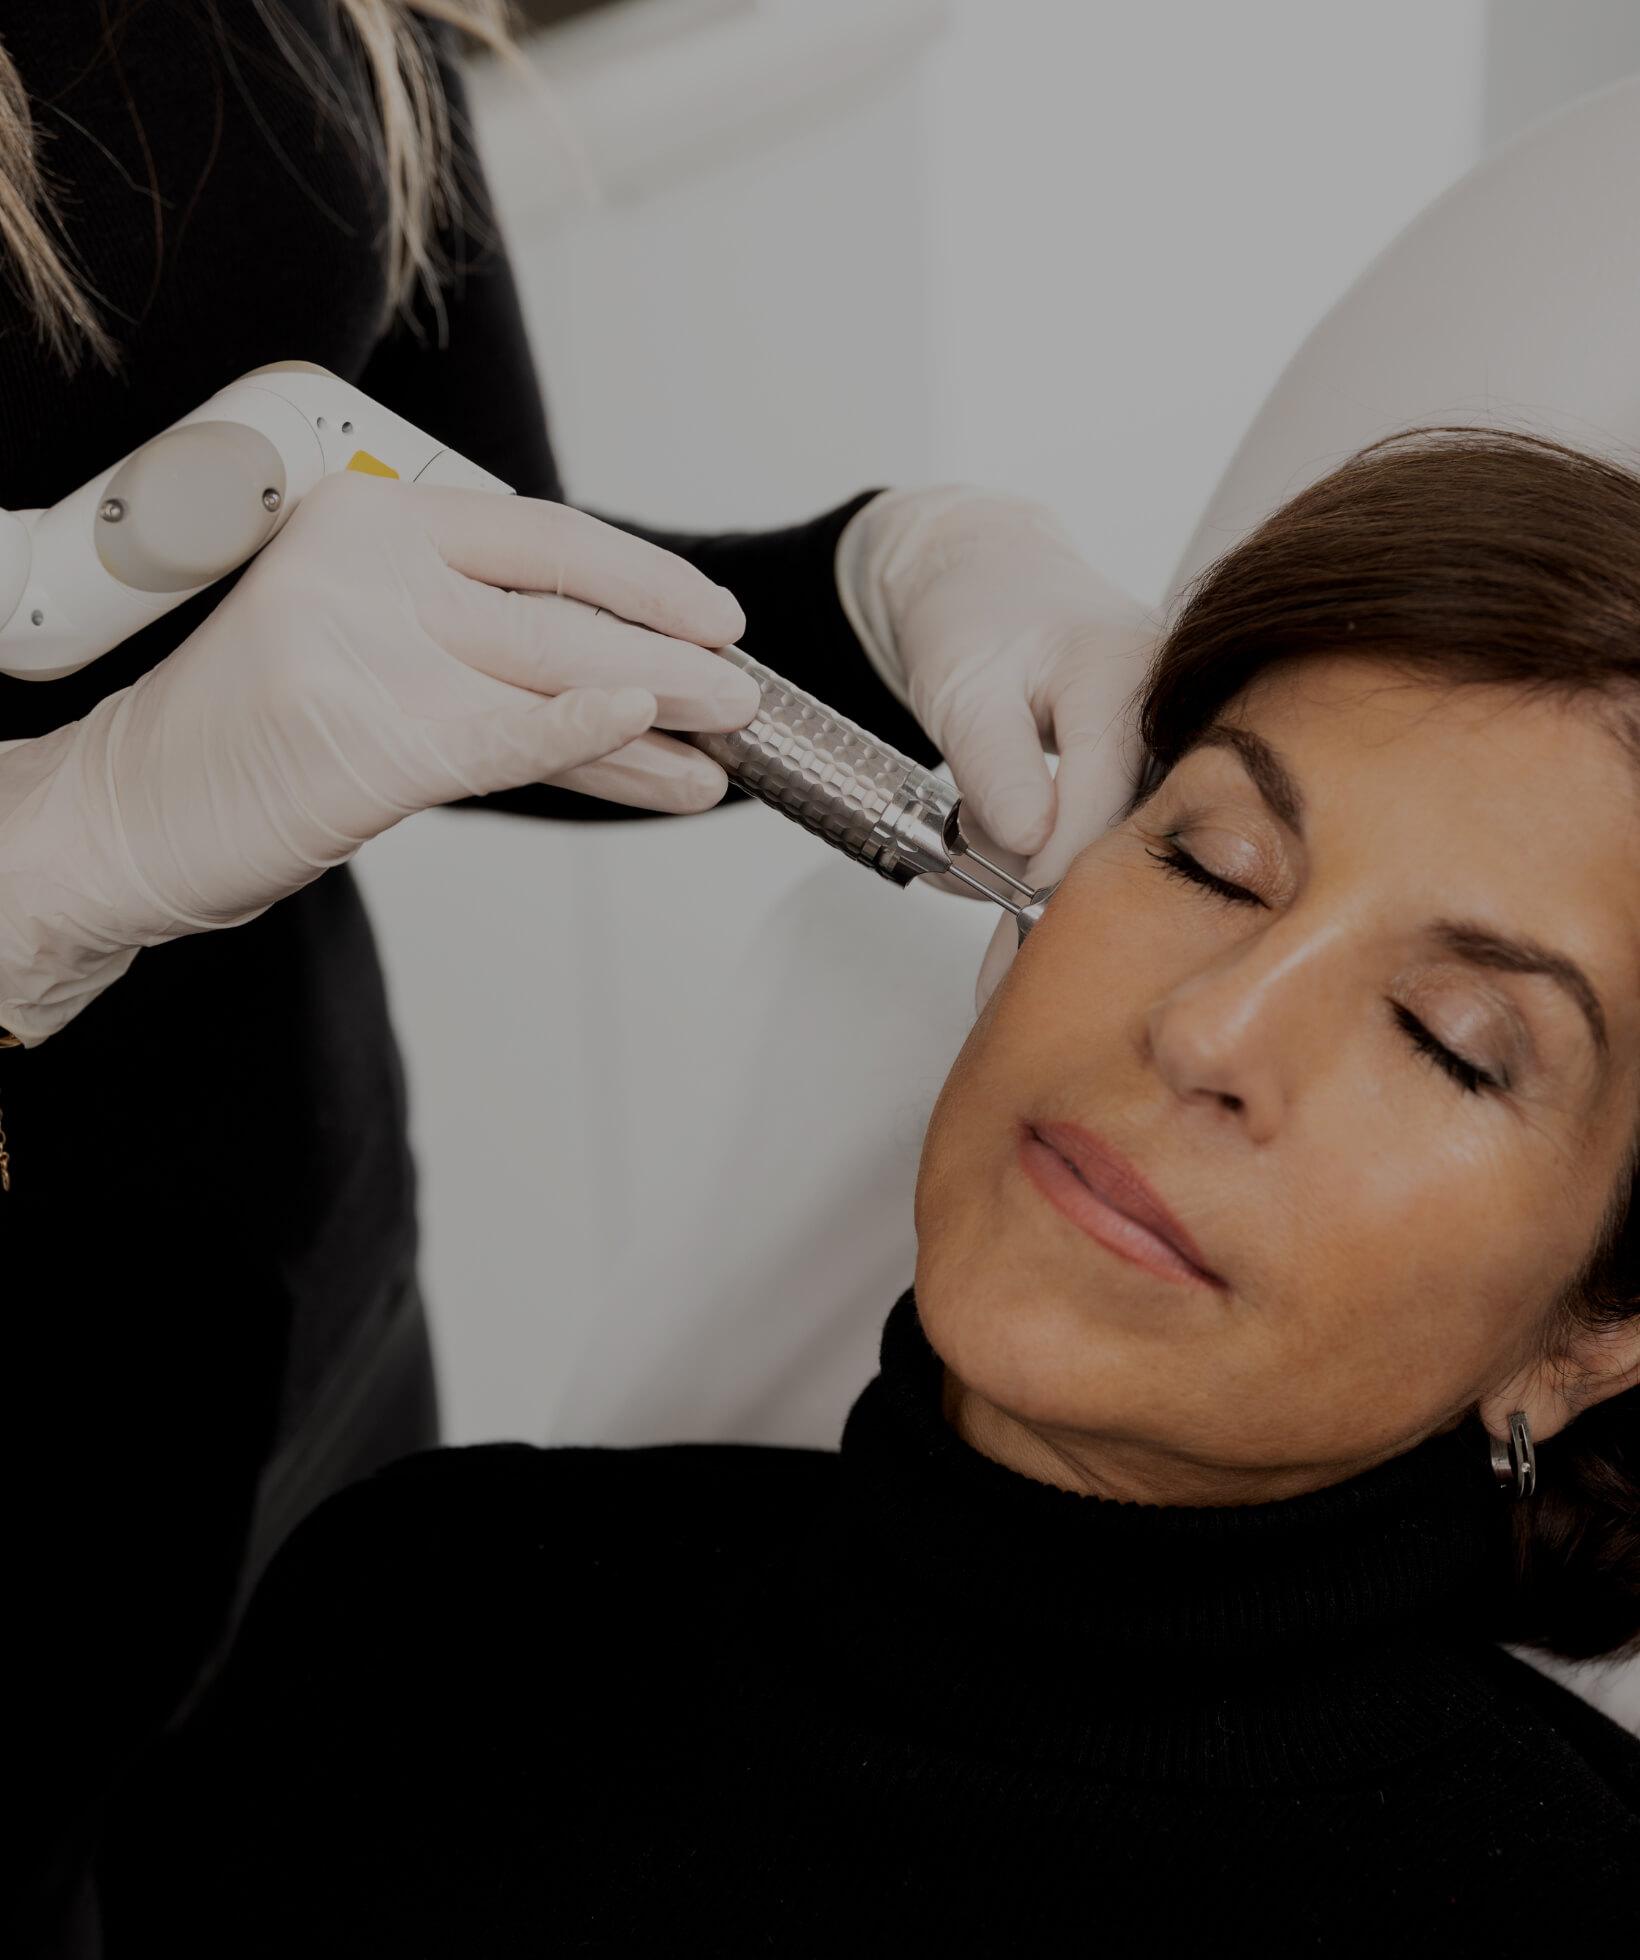 Une technicienne médico-esthétique de la Clinique Chloé traitant le visage d'une patiente avec le laser fractionné